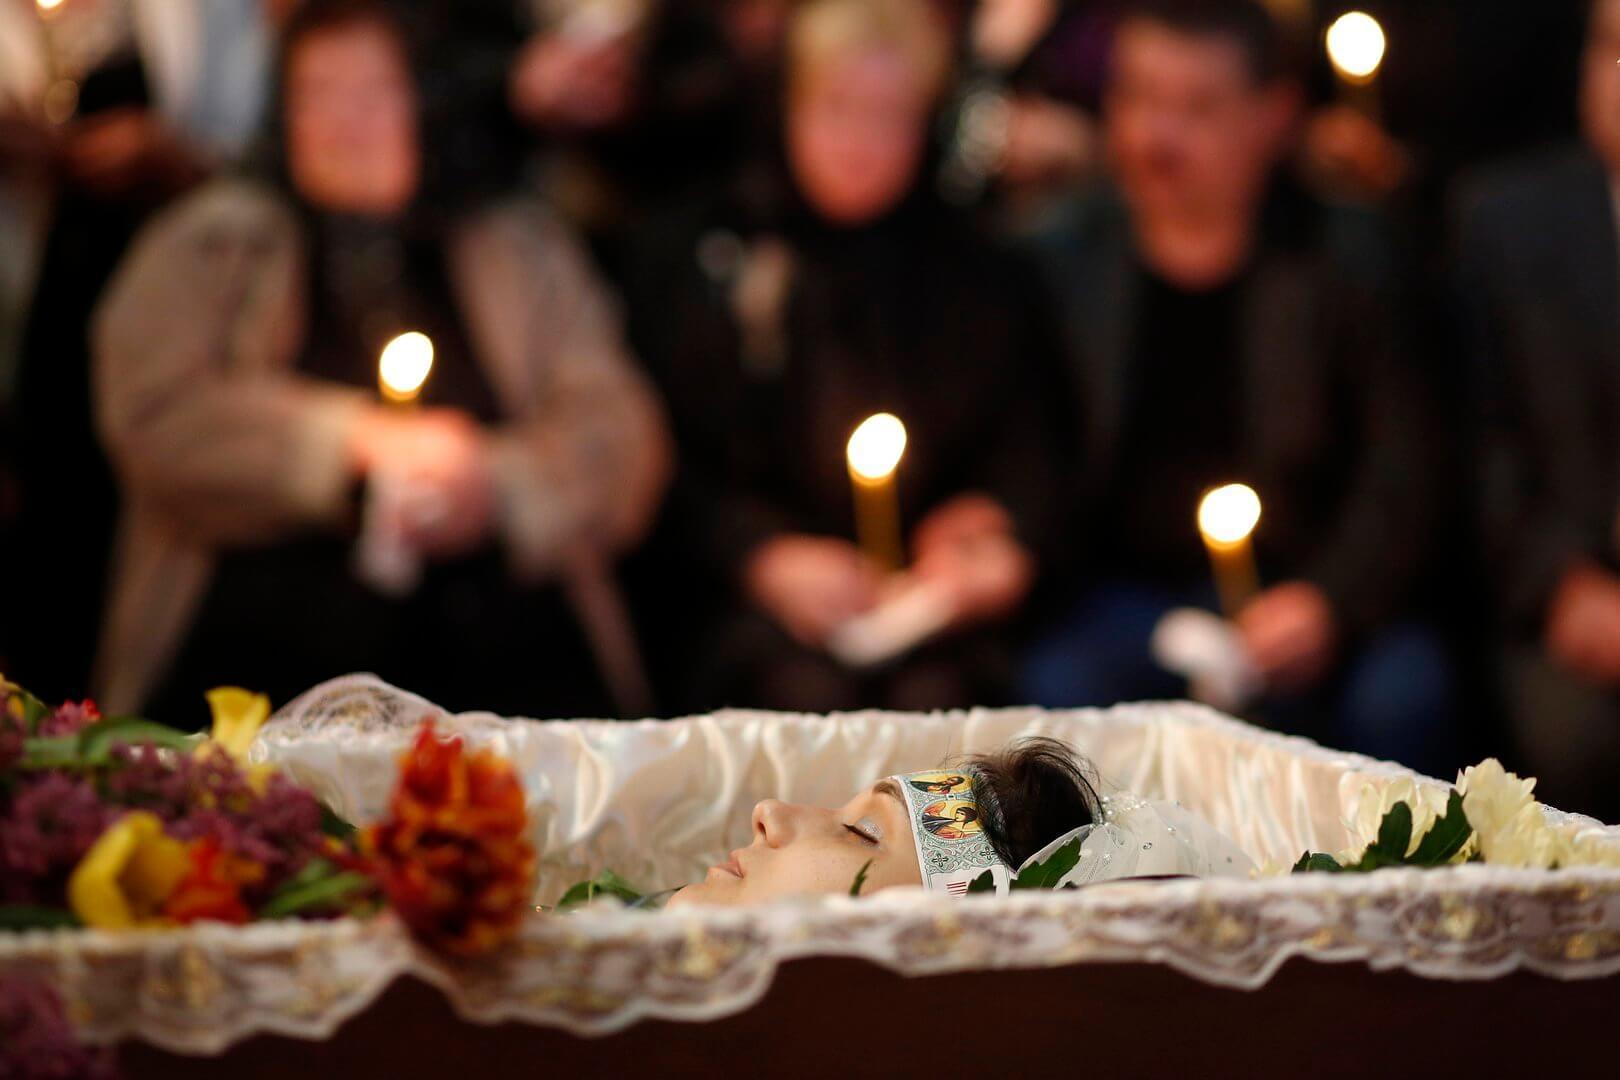 Сонник похороны незнакомого человека. к чему снится похороны незнакомого человека видеть во сне - сонник дома солнца